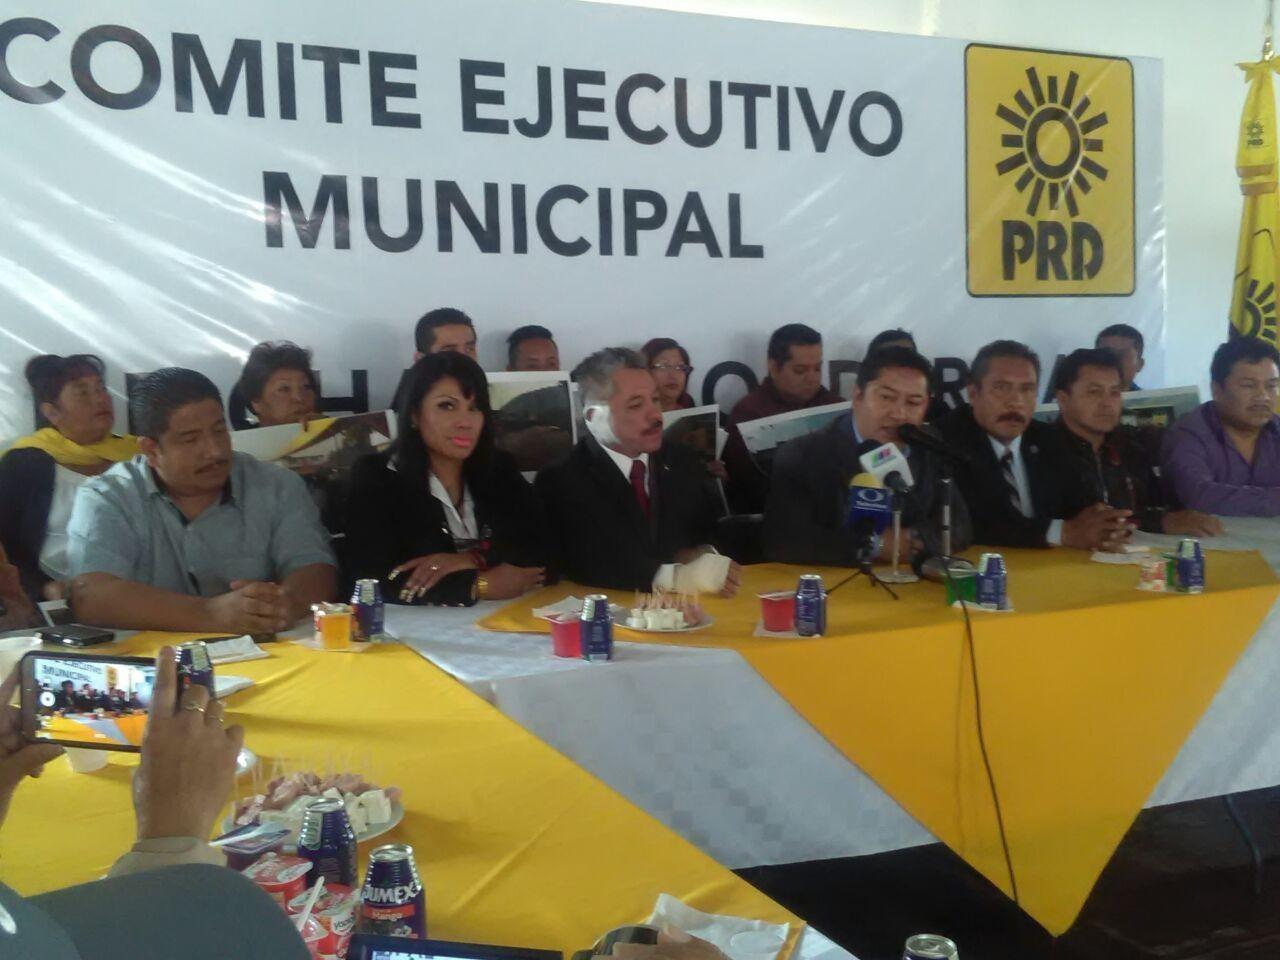 En Valle de Chalco, Javier Salinas ganó por 23,928 votos contra 684 de Juan Zepeda